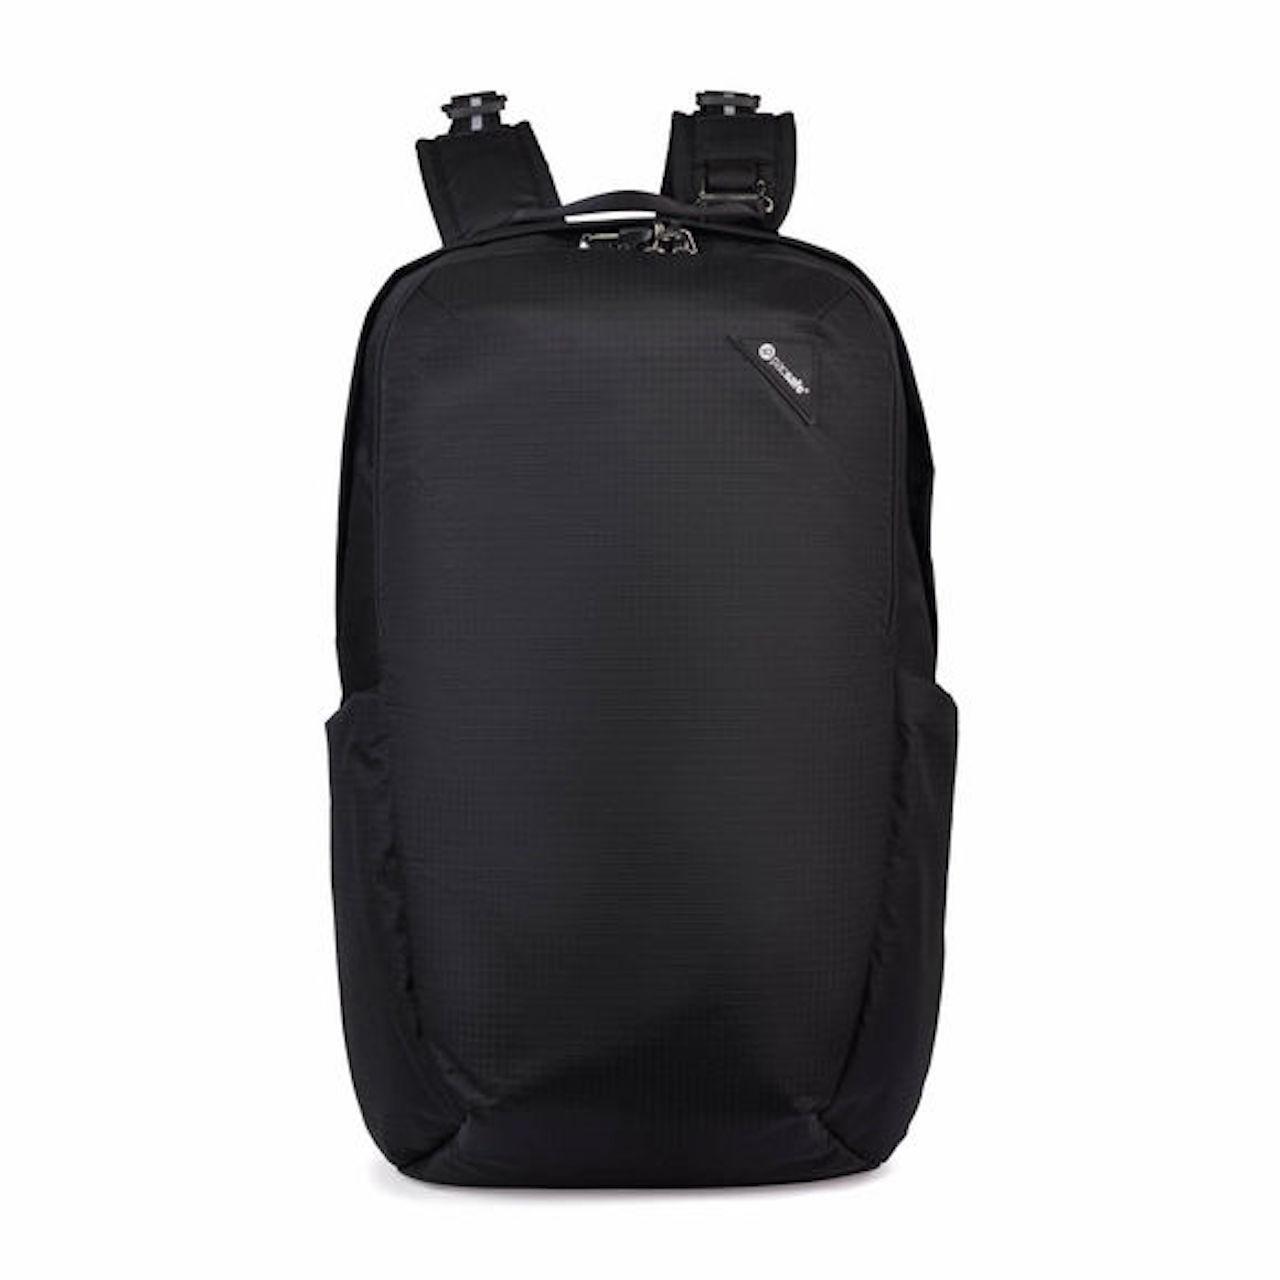 60301130, Рюкзак антивор Pacsafe Vibe 25, цвет: черная смола, 25 л. цены